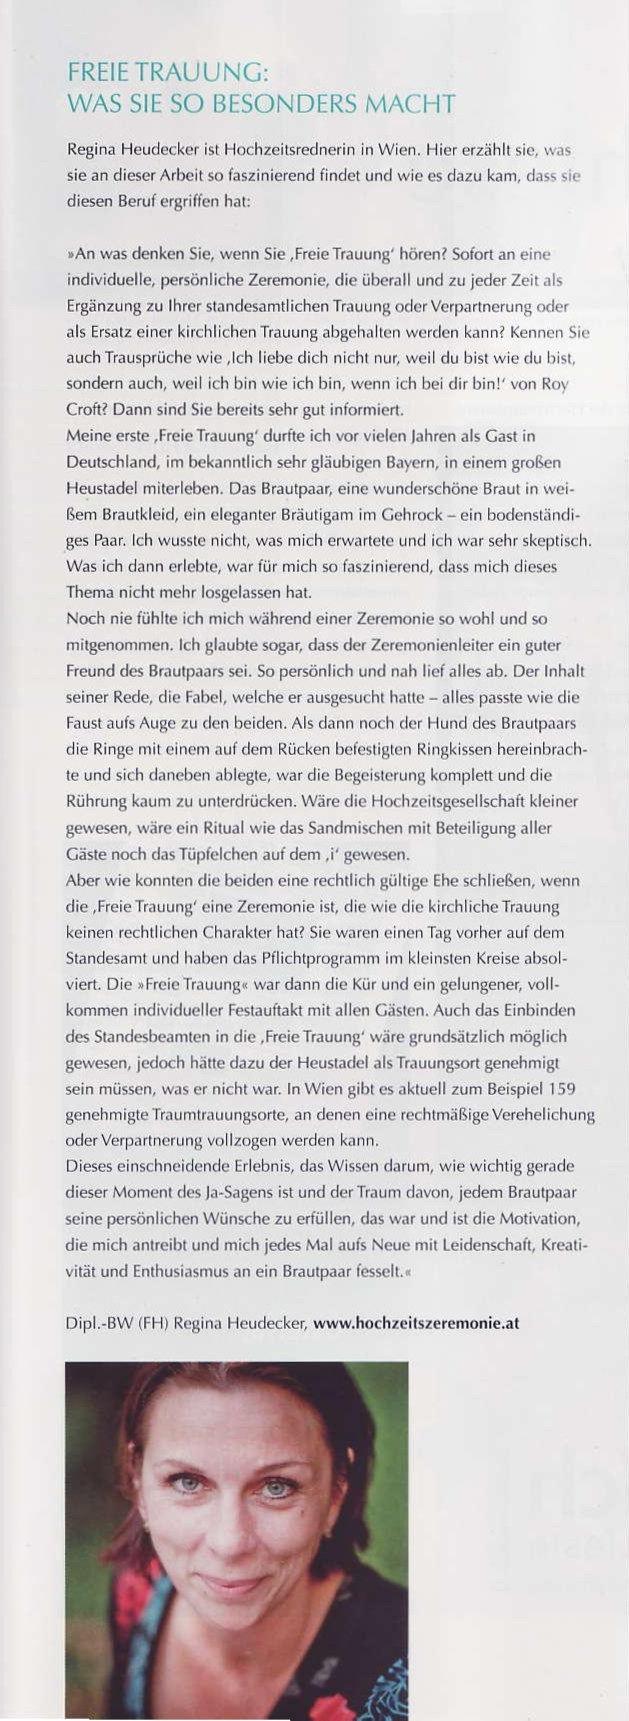 Hochzeit_3-2014_hochzeitszeremonie_edite